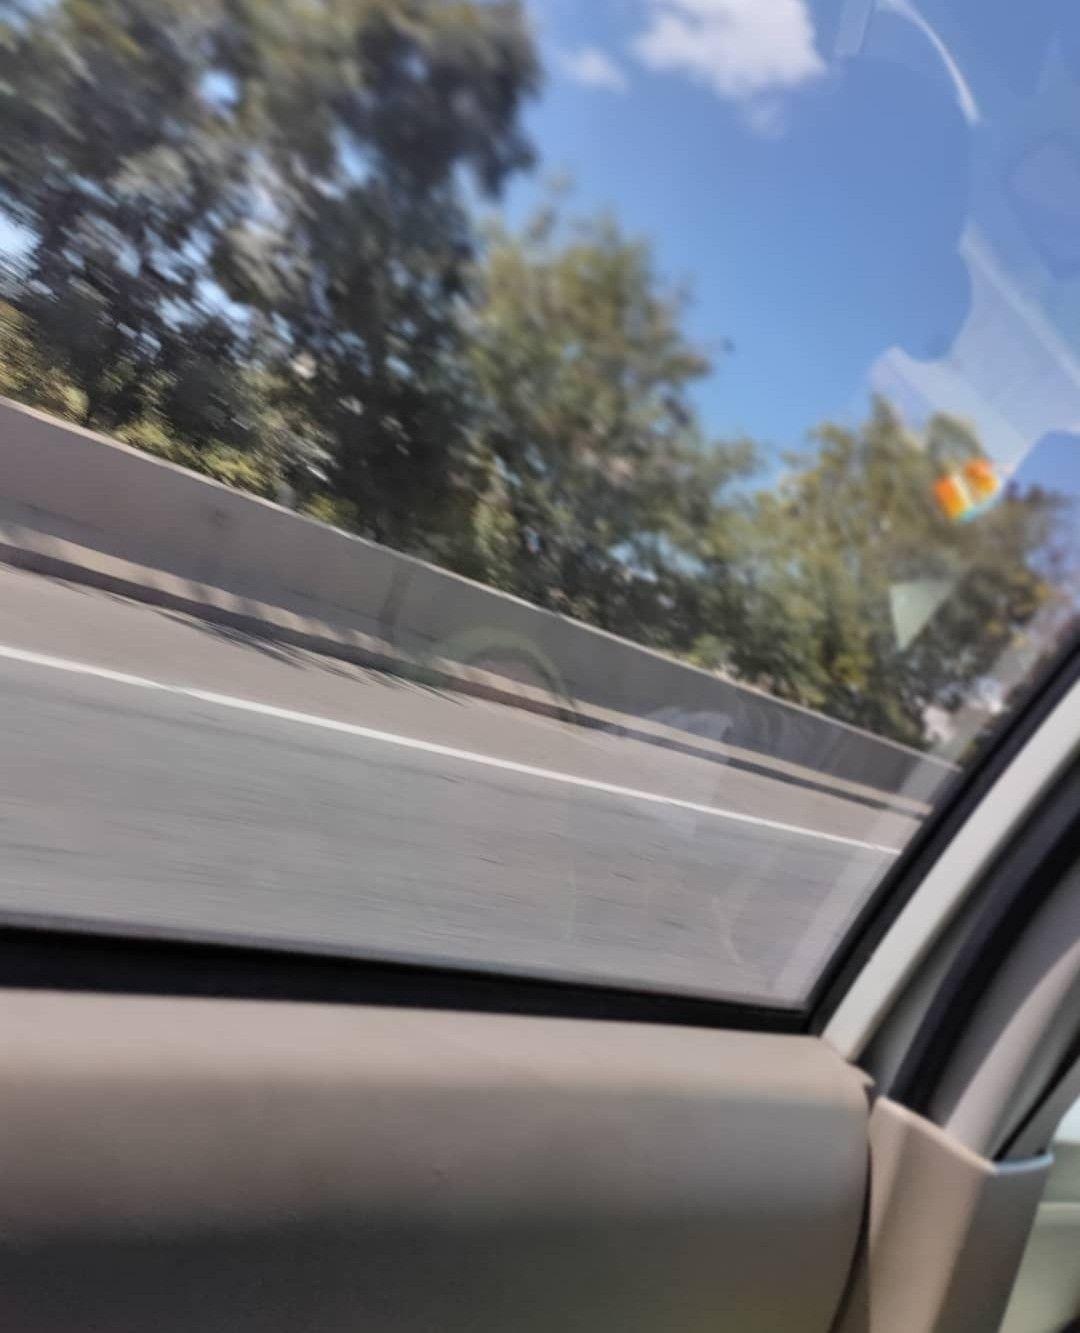 Aesthetic In The Car Mobil Way Jalan Fotografi Dinding Gambar Gambar Anime